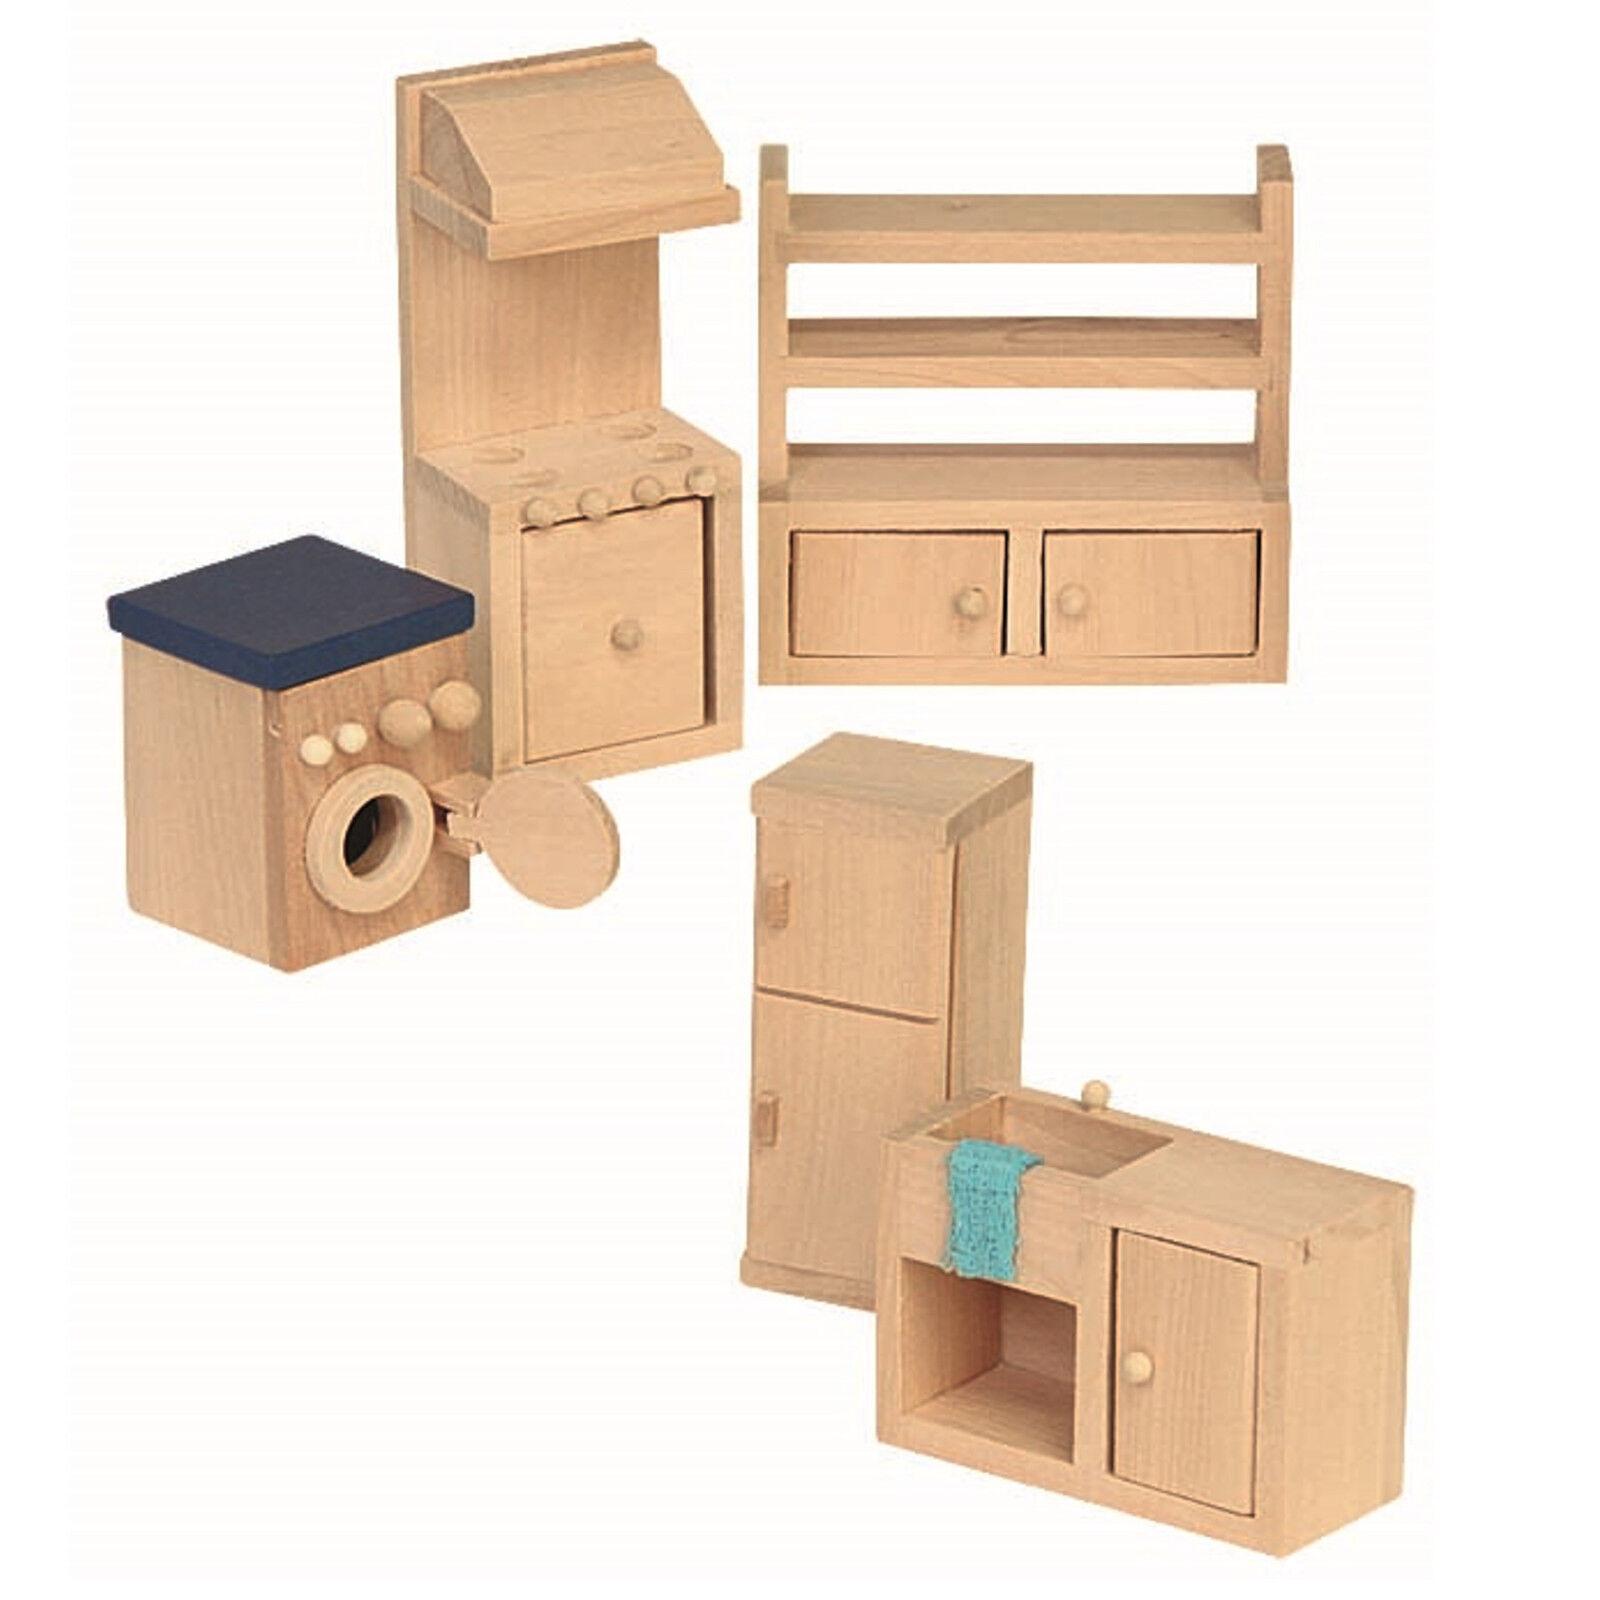 cucina mobili per casa delle bambole LAVATRICE Focolare Forno Lavello ARMADIO